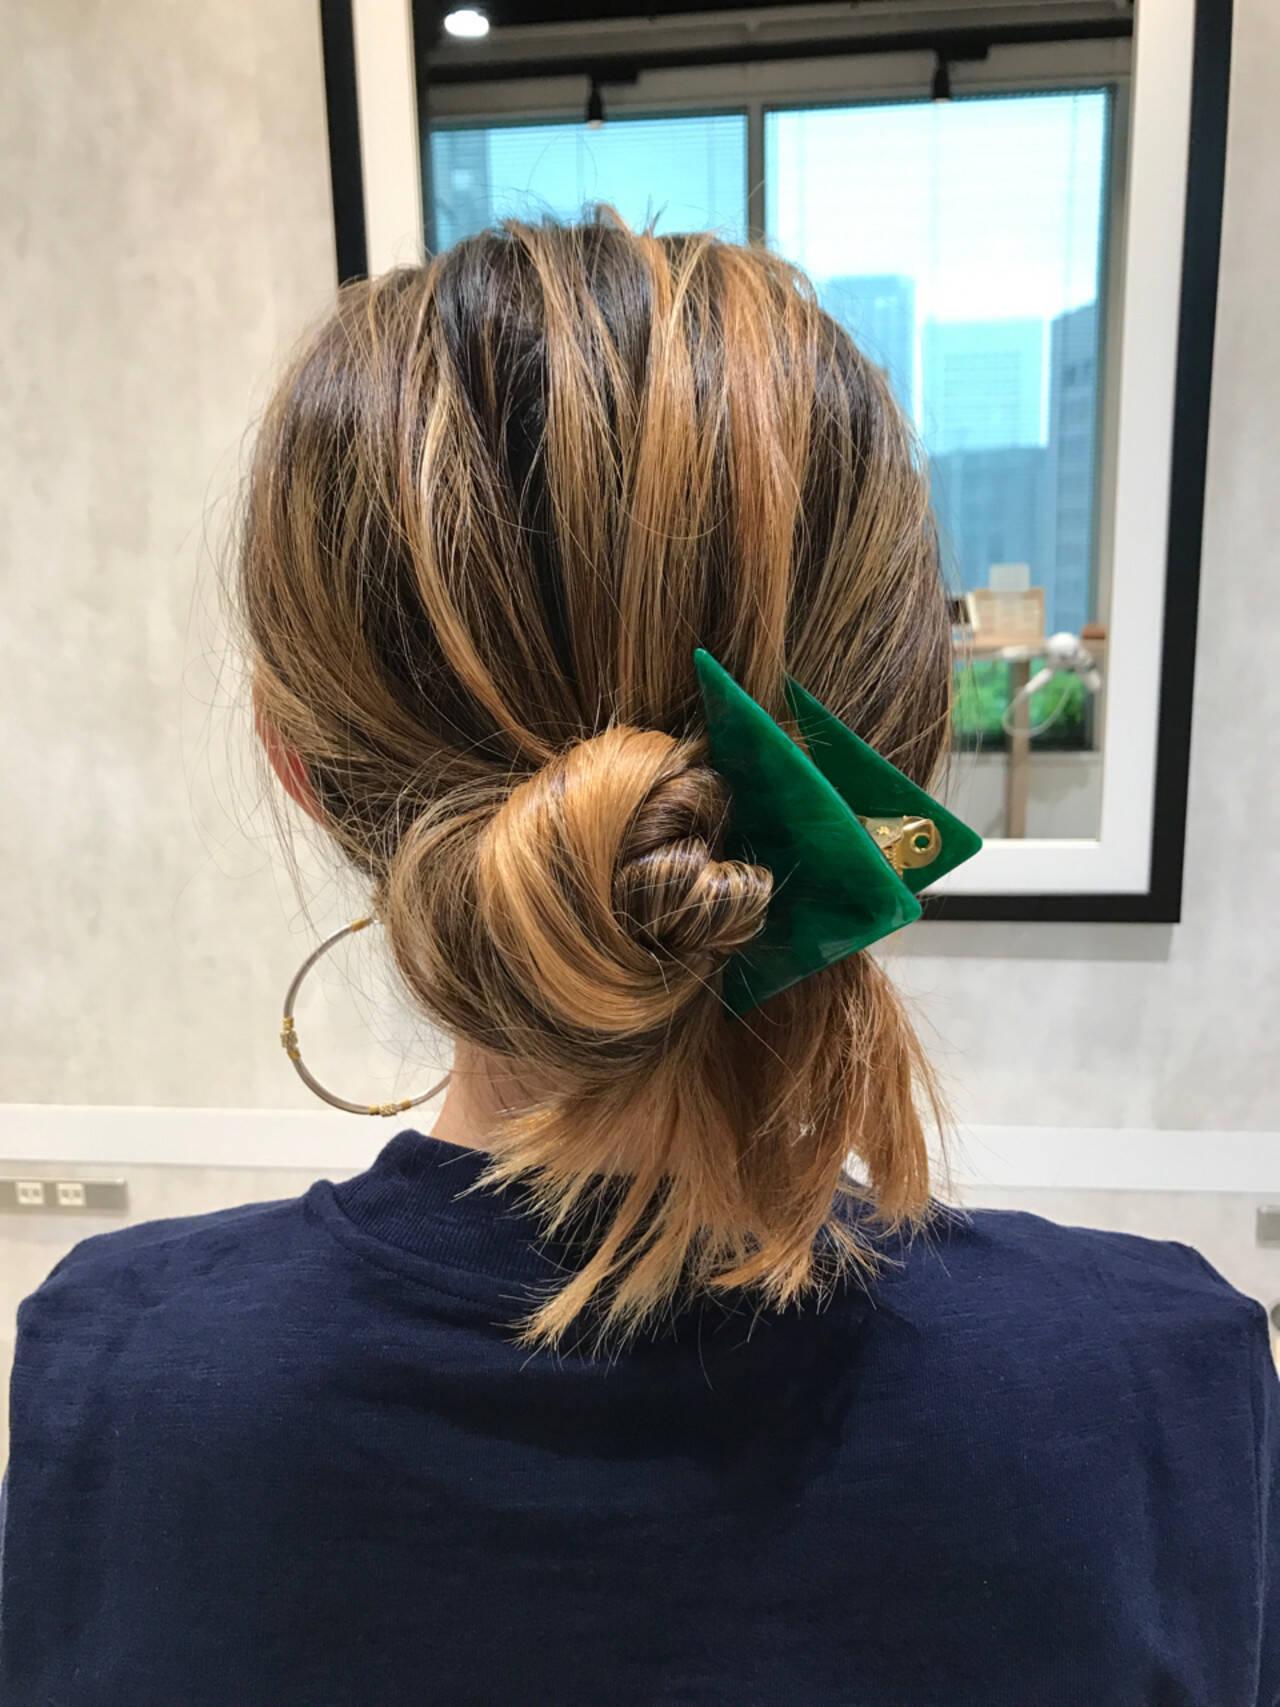 ヘアクリップ ロング ナチュラル ヘアアレンジヘアスタイルや髪型の写真・画像